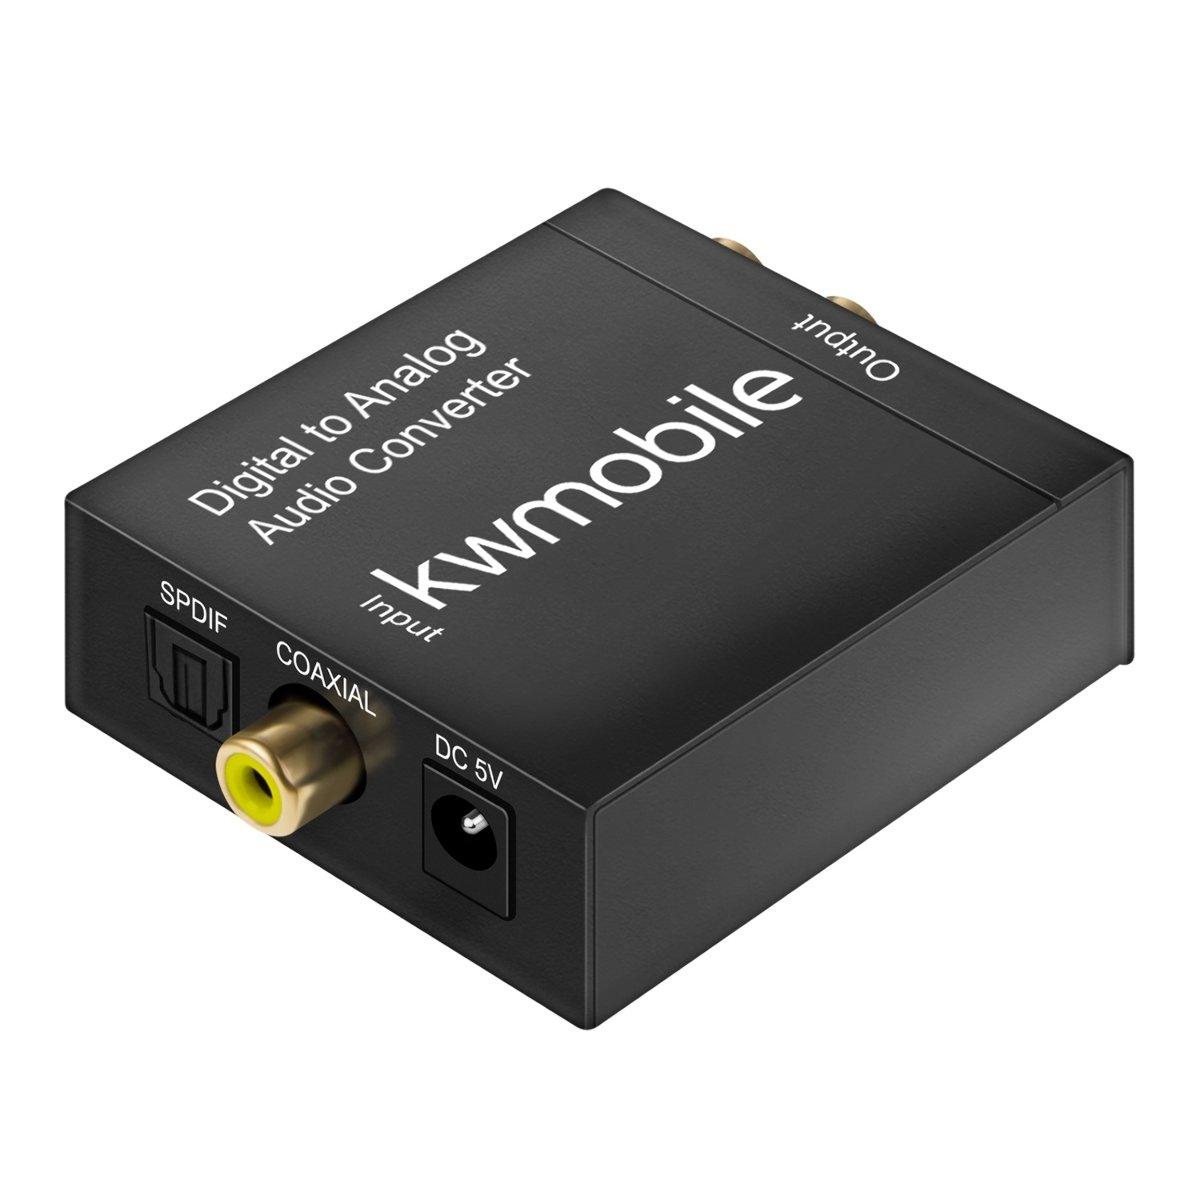 SPDIF//Toslink///óptico//Koaxial Conector TRS kwmobile conversor de Audio anal/ógico Digital De Digital a anal/ógico